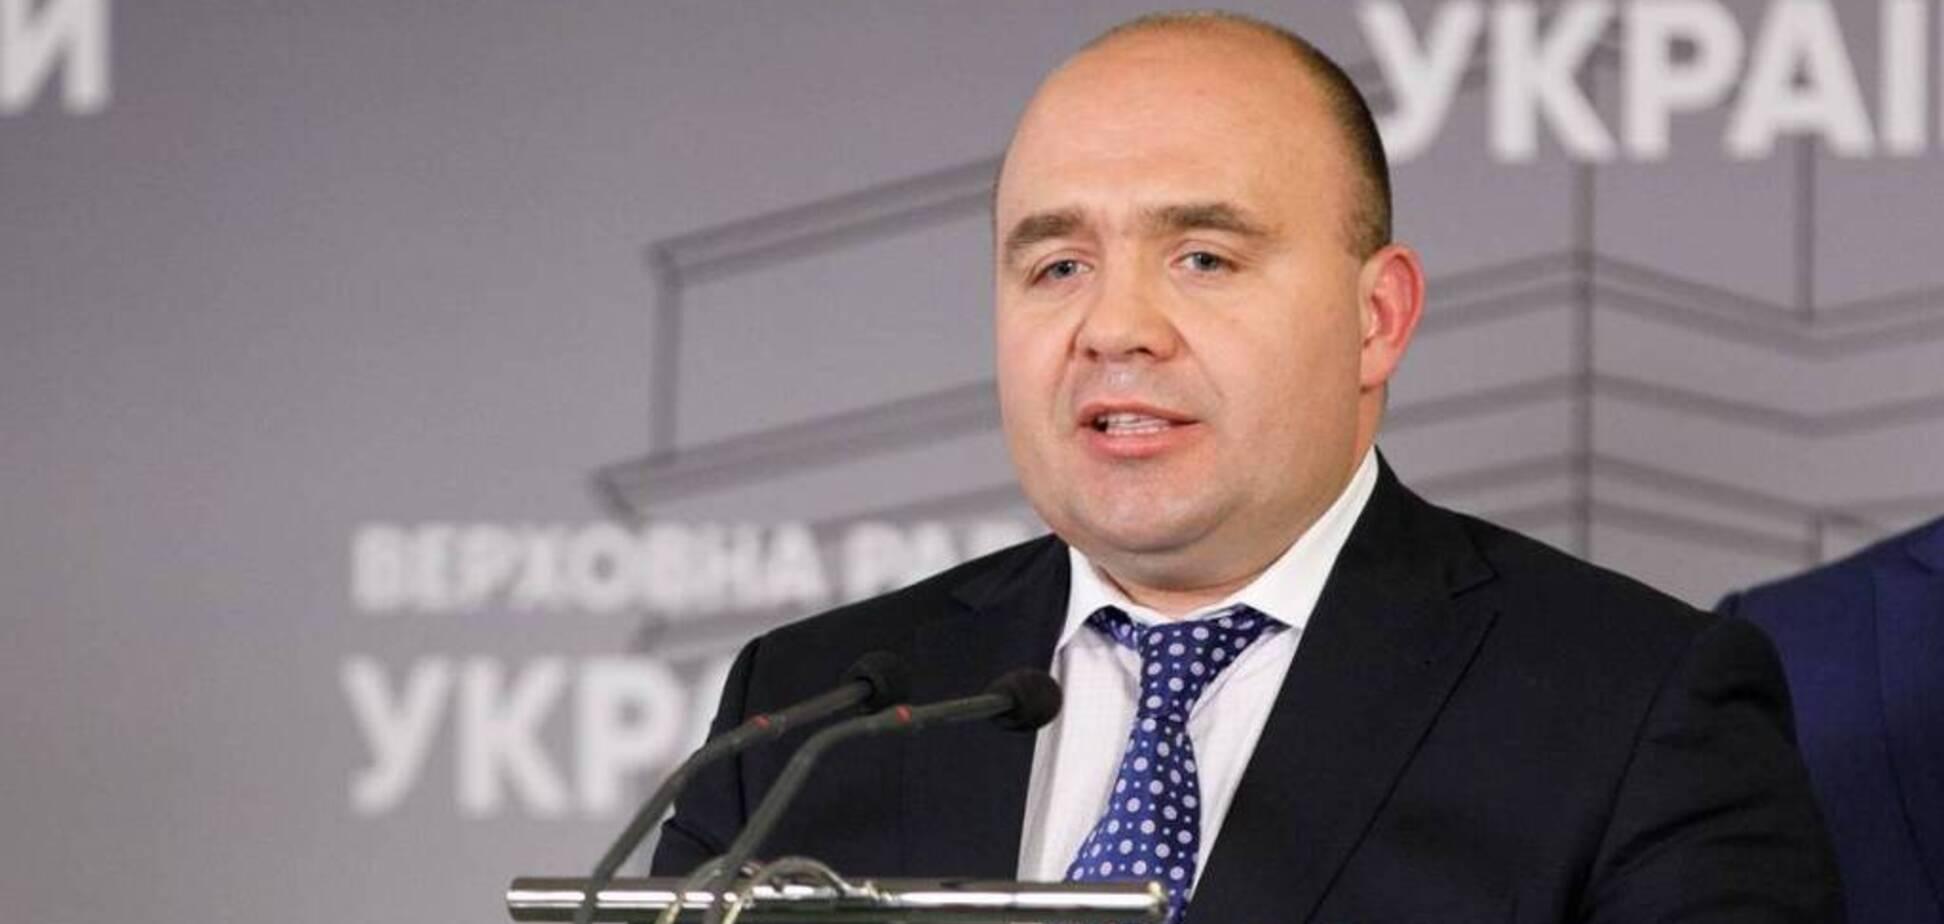 У депутата партии Медведчука нашли коронавирус: появились новые подробности